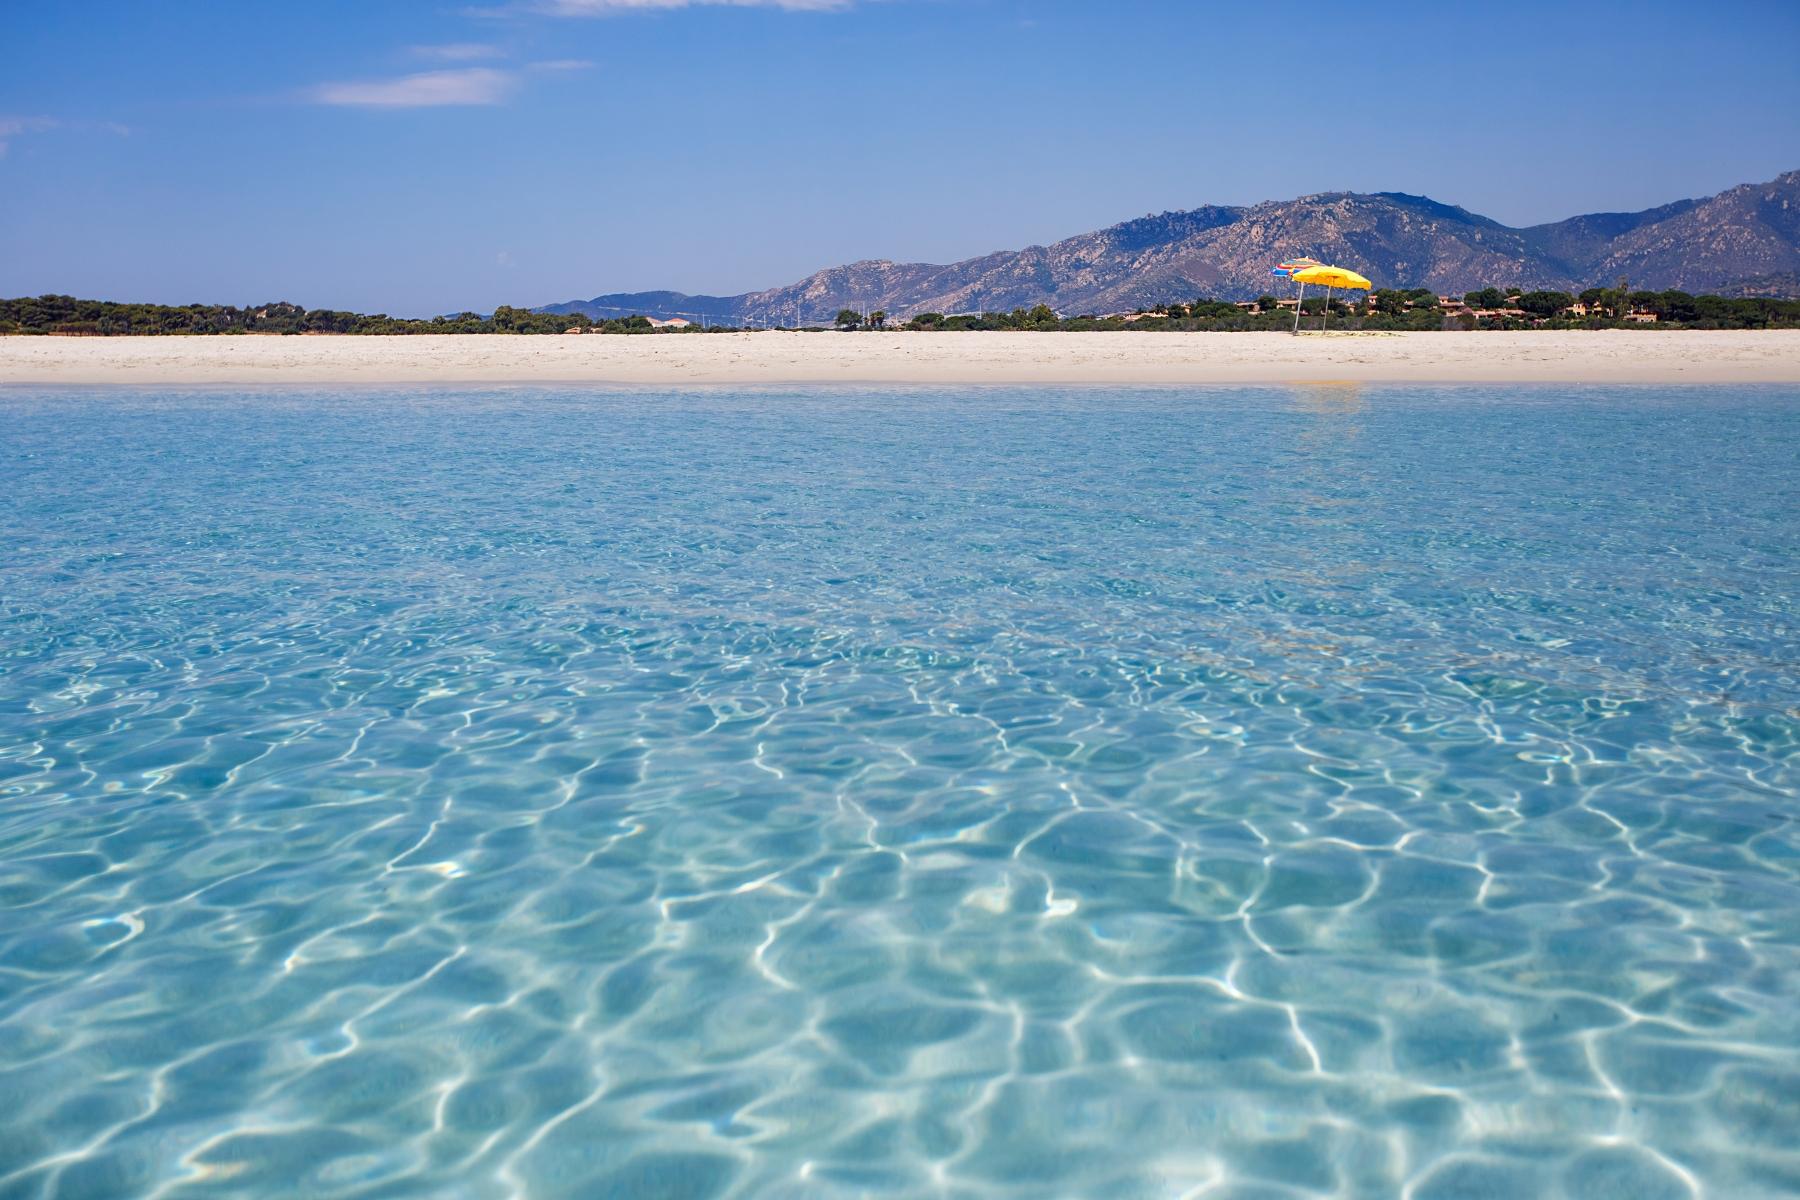 Piscina rei sardegnaturismo sito ufficiale del turismo for Piani del padiglione della piscina